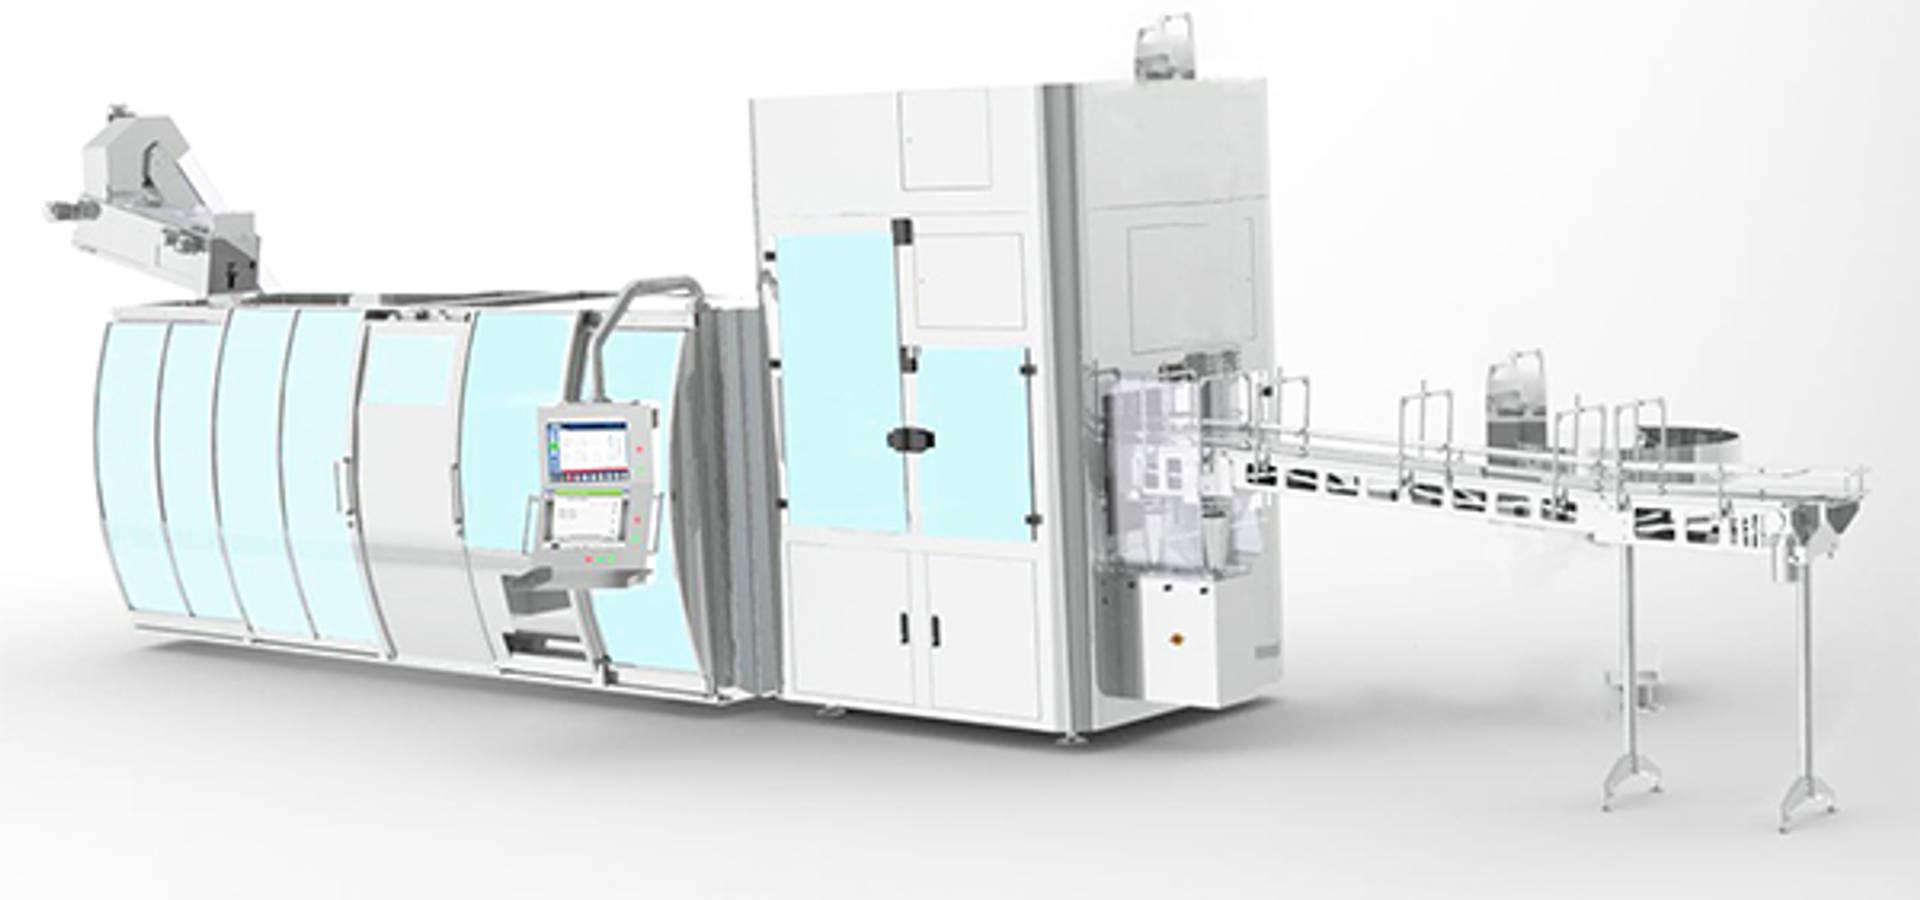 Taizhou Ouming Packaging Machinery Technology Co., LTD